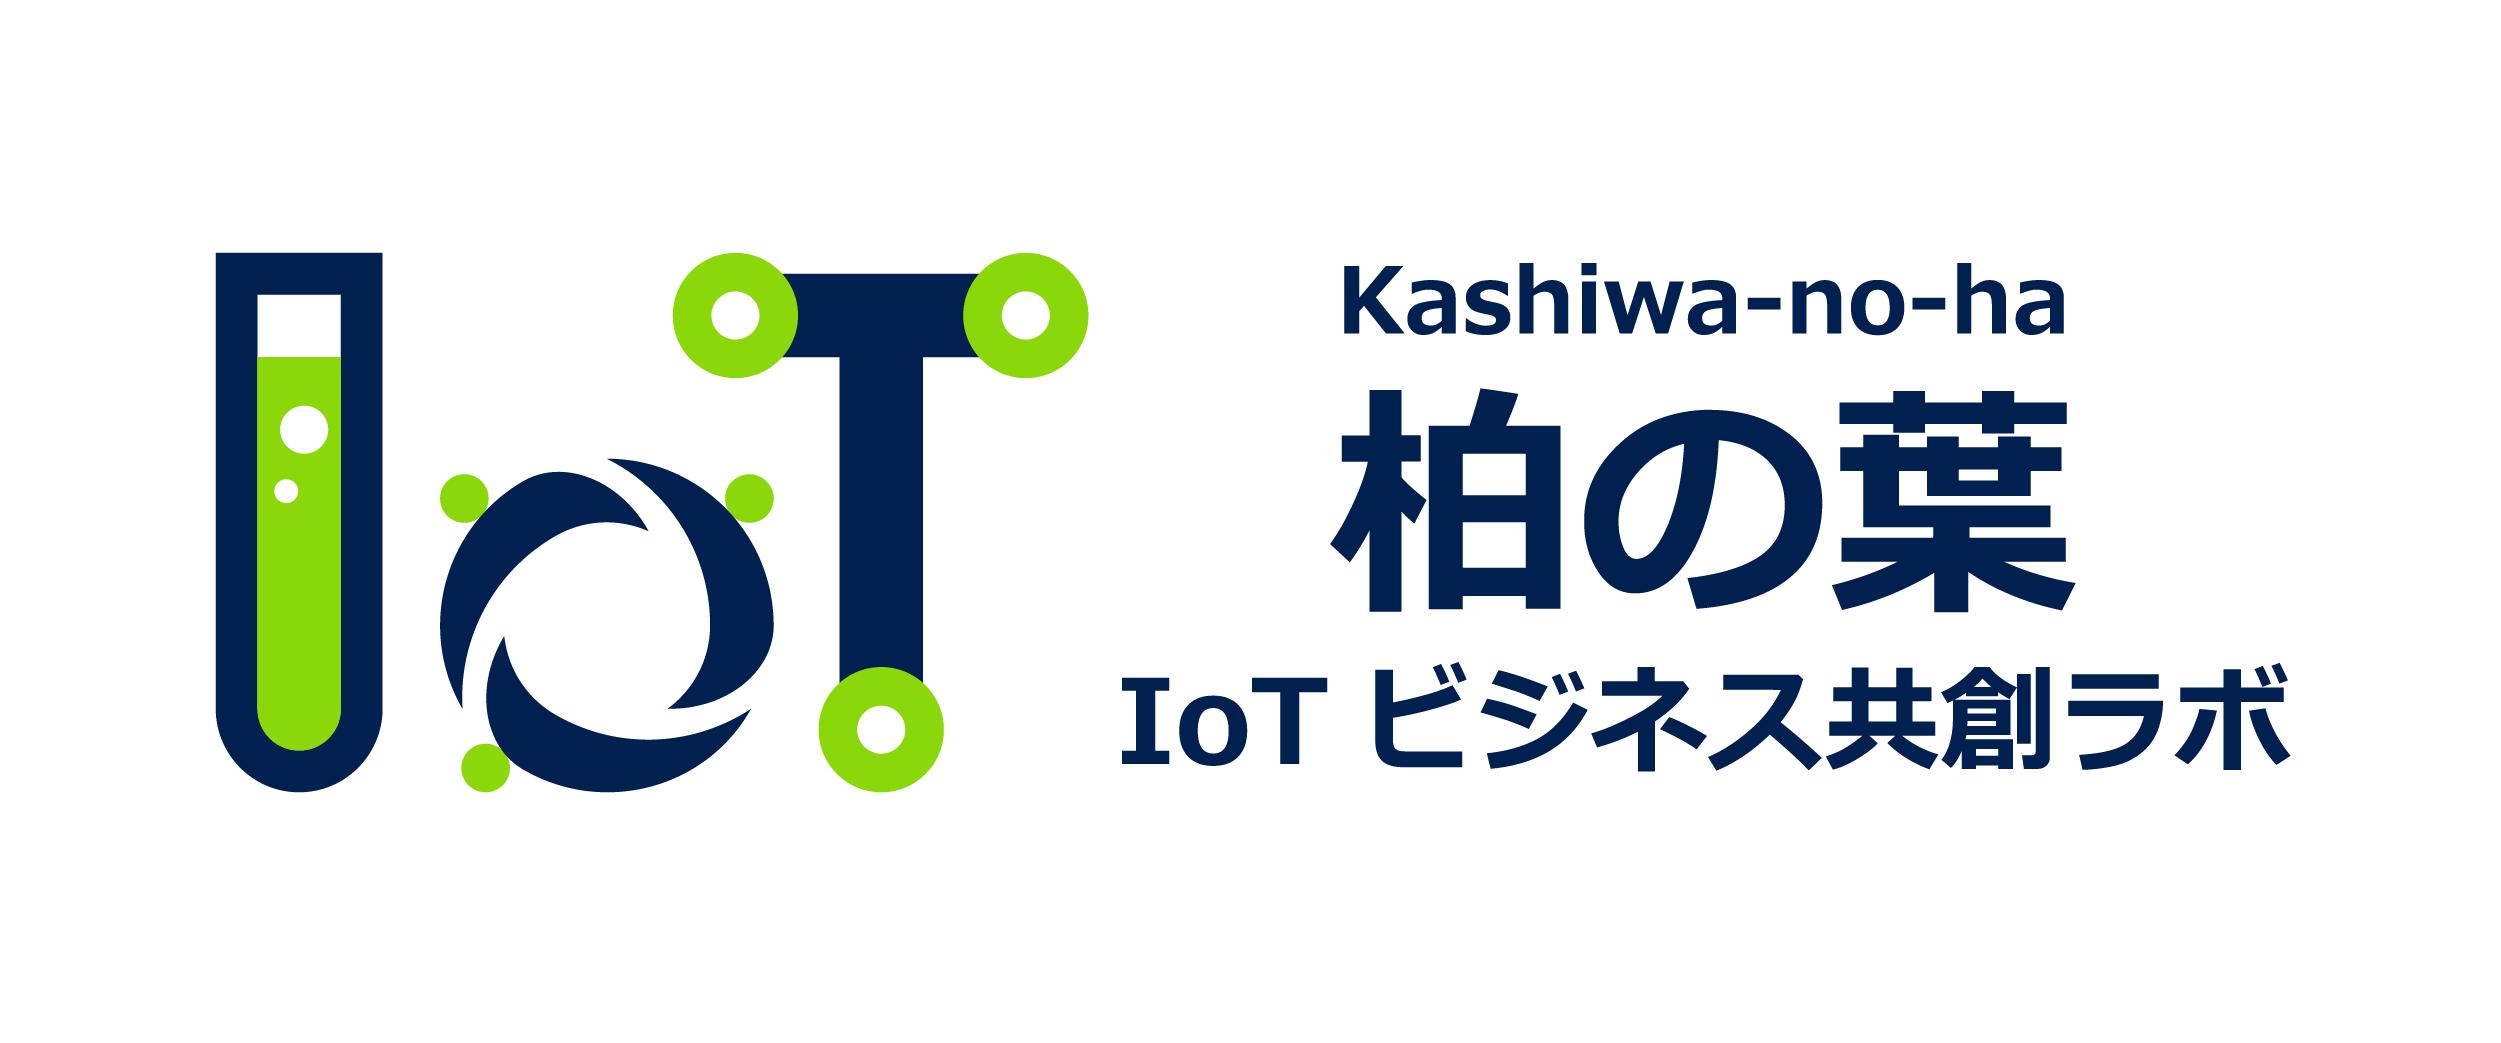 Innovation Field KASHIWA-NO-HA|「イノベーションフィールド柏の葉」はAI・IoTおよびライフサイエンス・メディカルの2分野にフォーカスを絞り、柏の葉のまち全体でプロジェクトの受け入れを行い、新たな製品・サービスを共に生み出していくプラットフォームです。